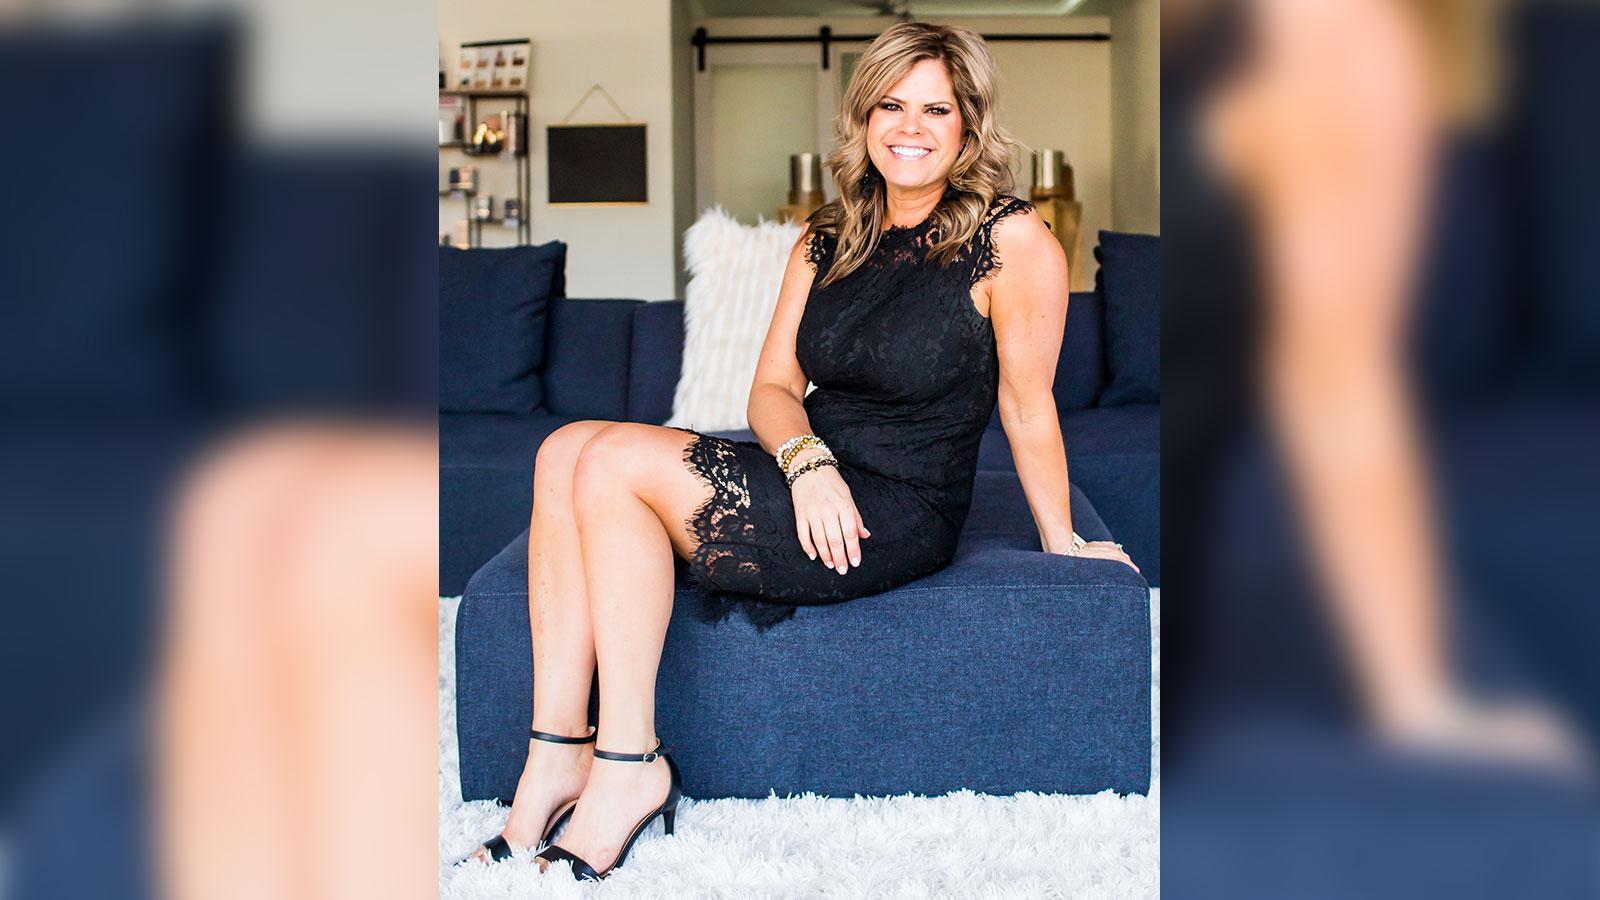 Stylist Spotlight: Melissa Maas, Thairapy Salon